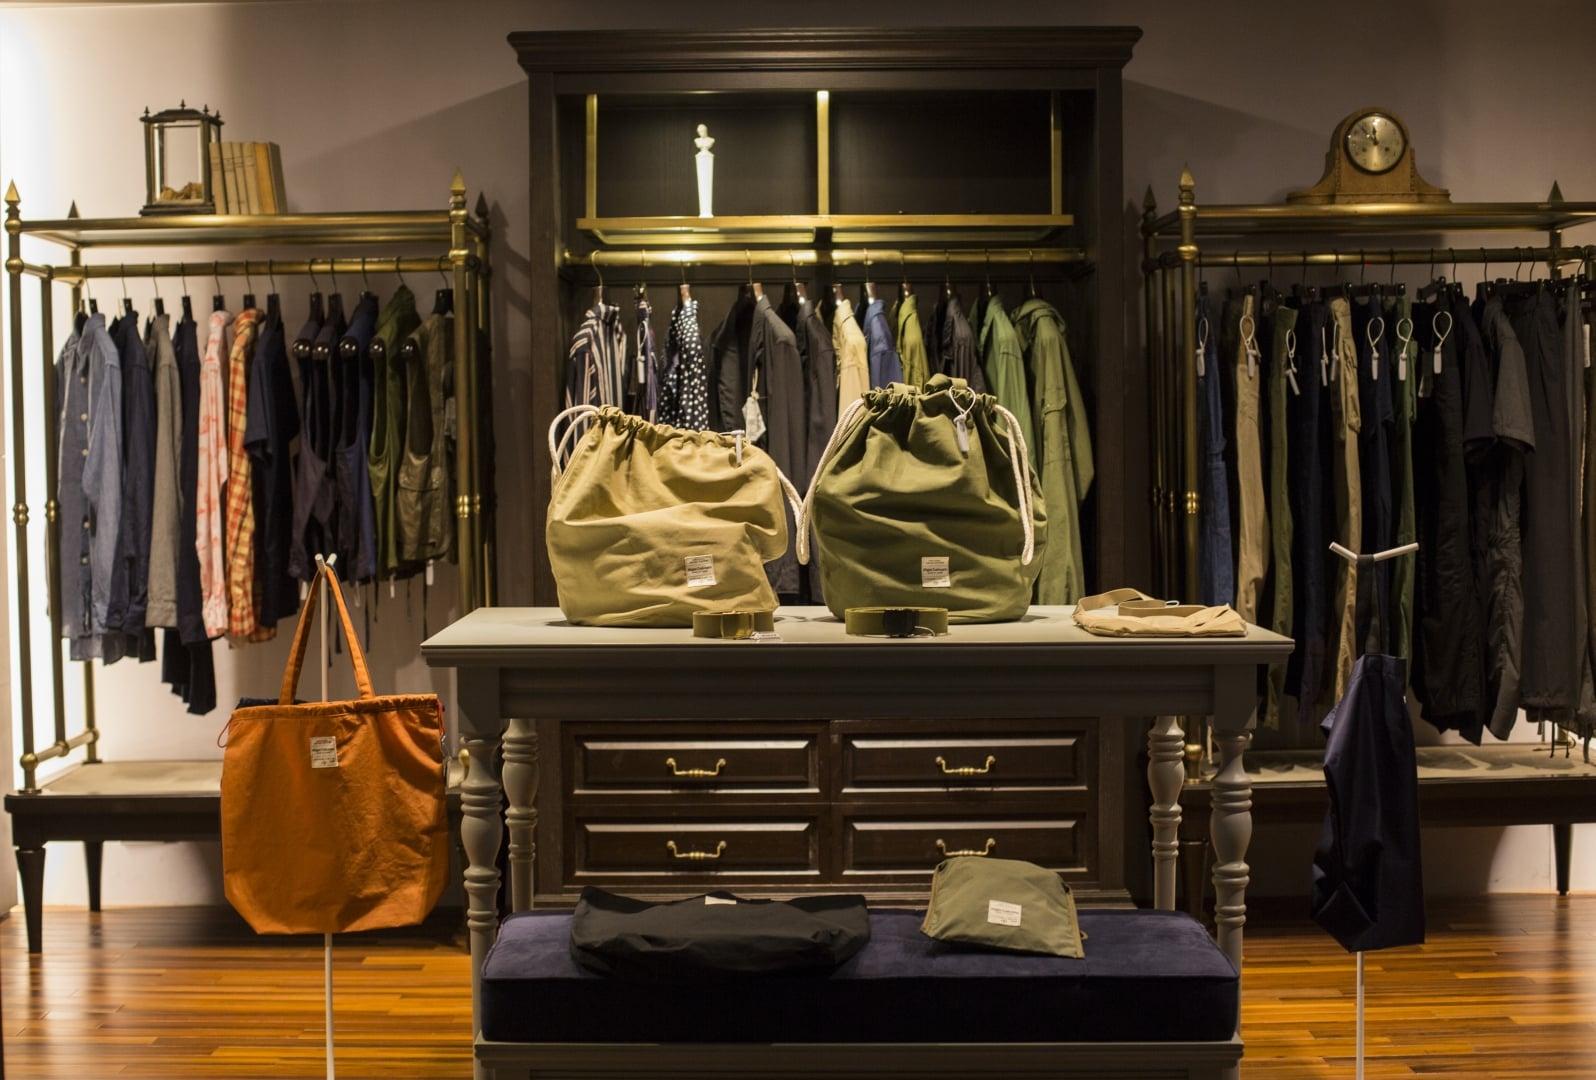 # HOTEL V 專訪:探索美好舒適的服裝聚落 8